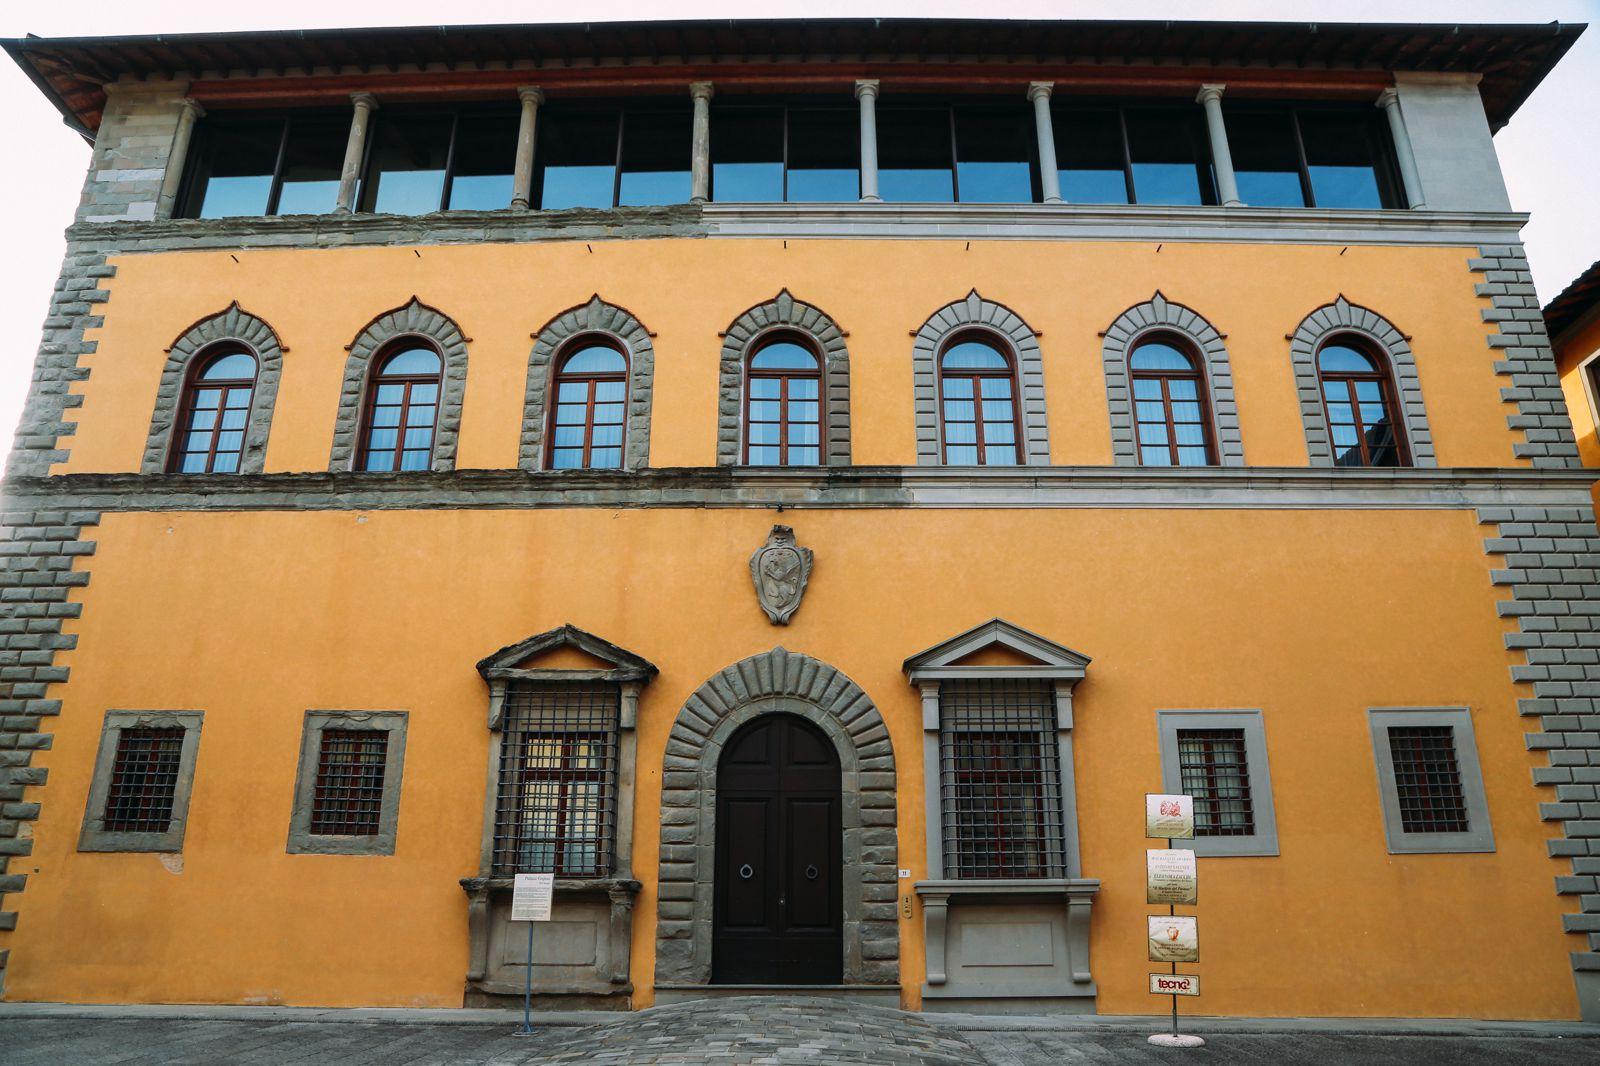 The Beautiful Tuscan Town Of San Miniato, Italy (30)